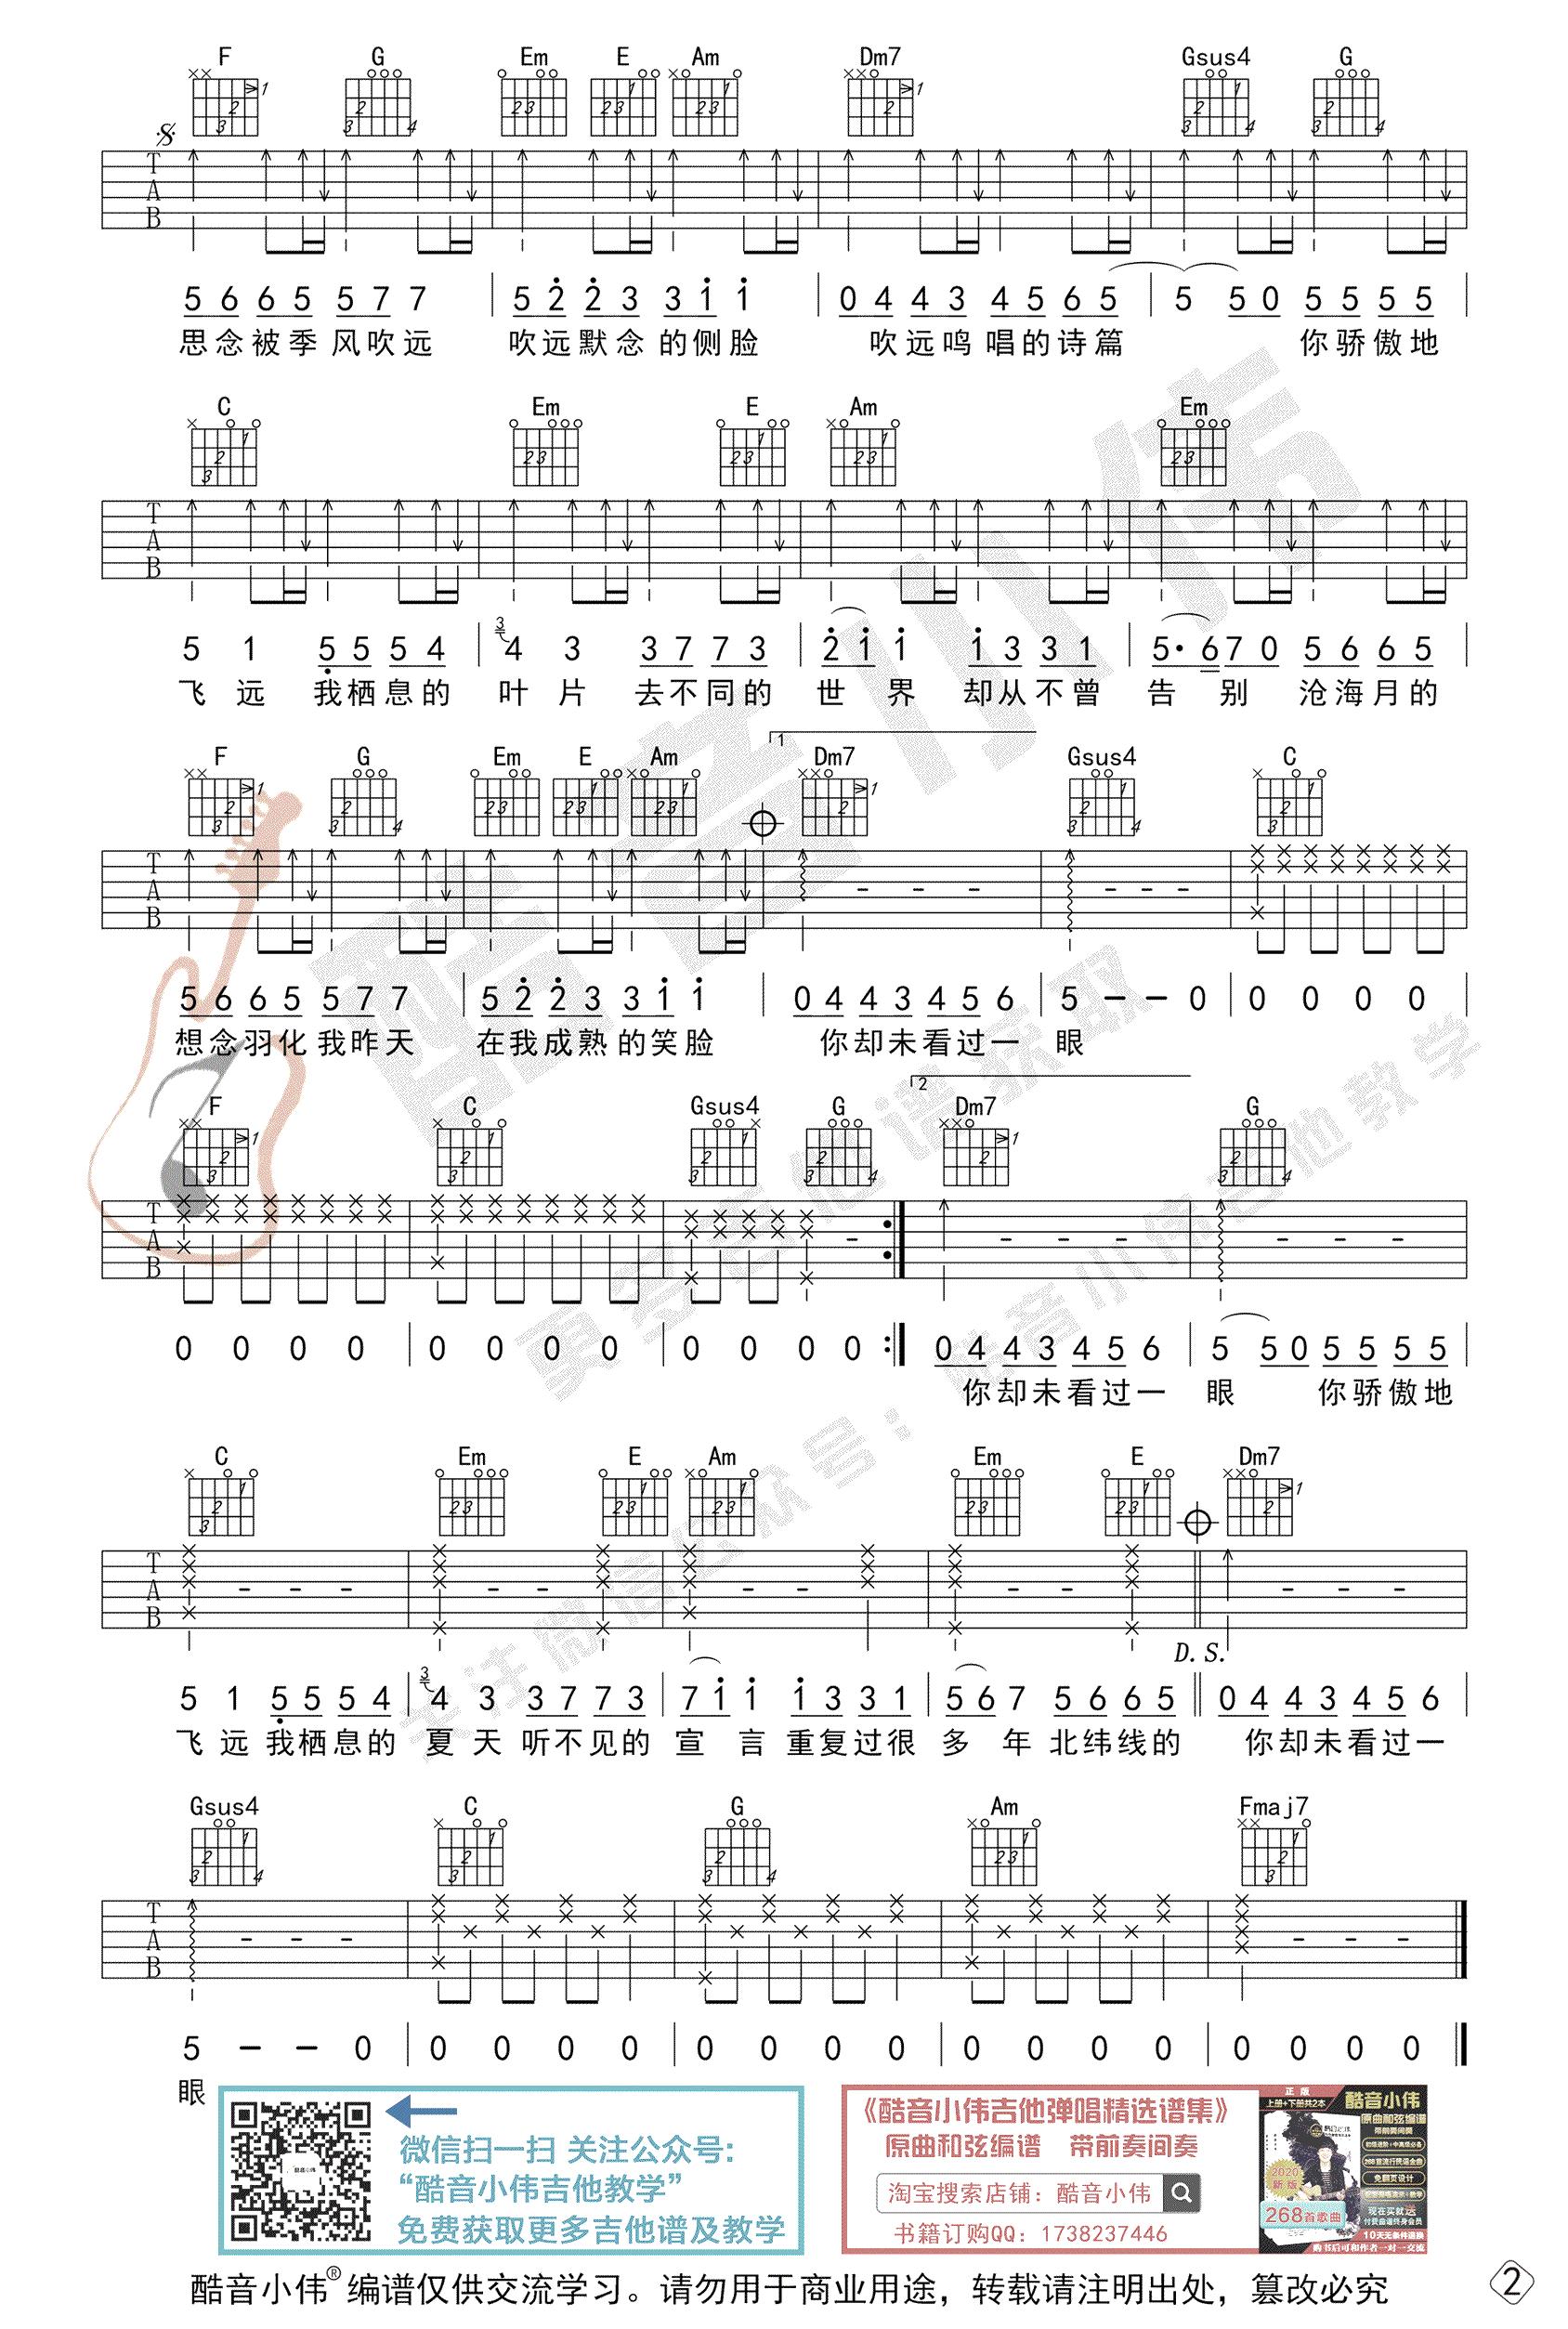 飞鸟和蝉吉他谱-任然-C调初级版-2